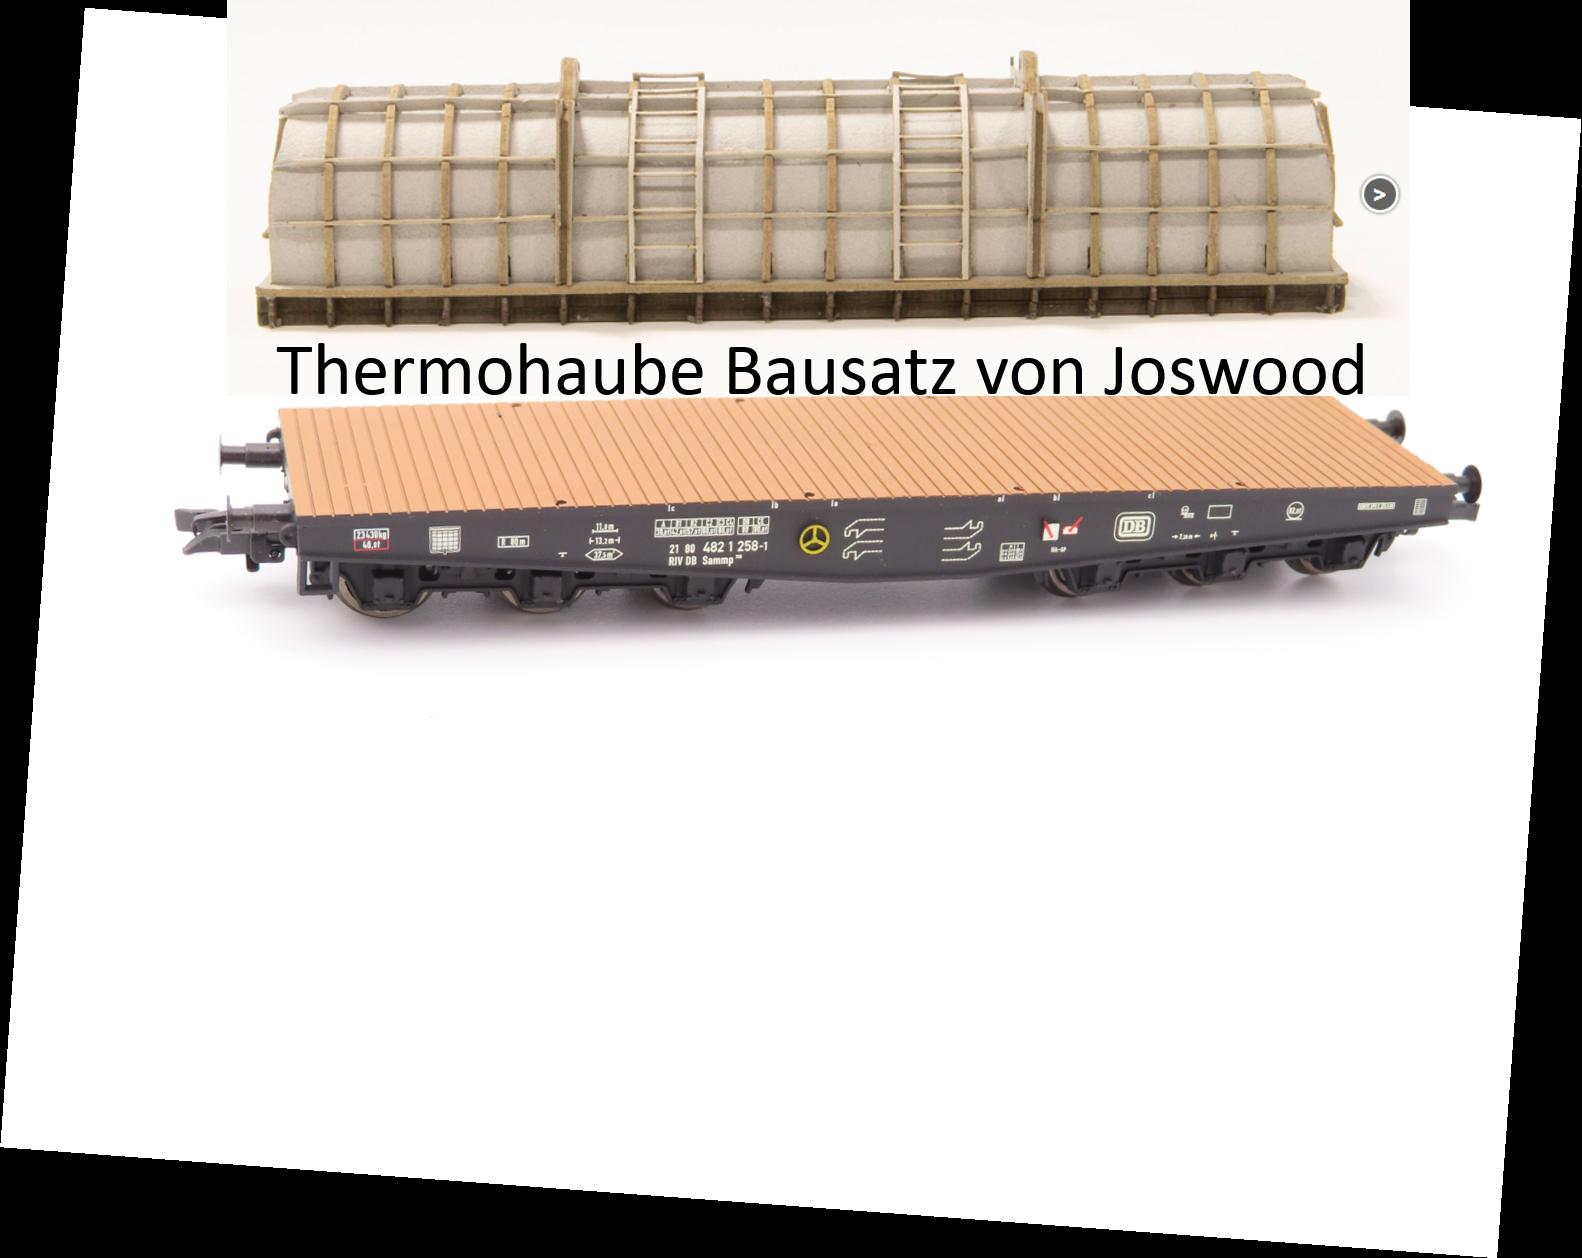 Liliput L 235740-1 H0 6-achs. Schwerlasttranspwg.+ Bausatz Thermohaube